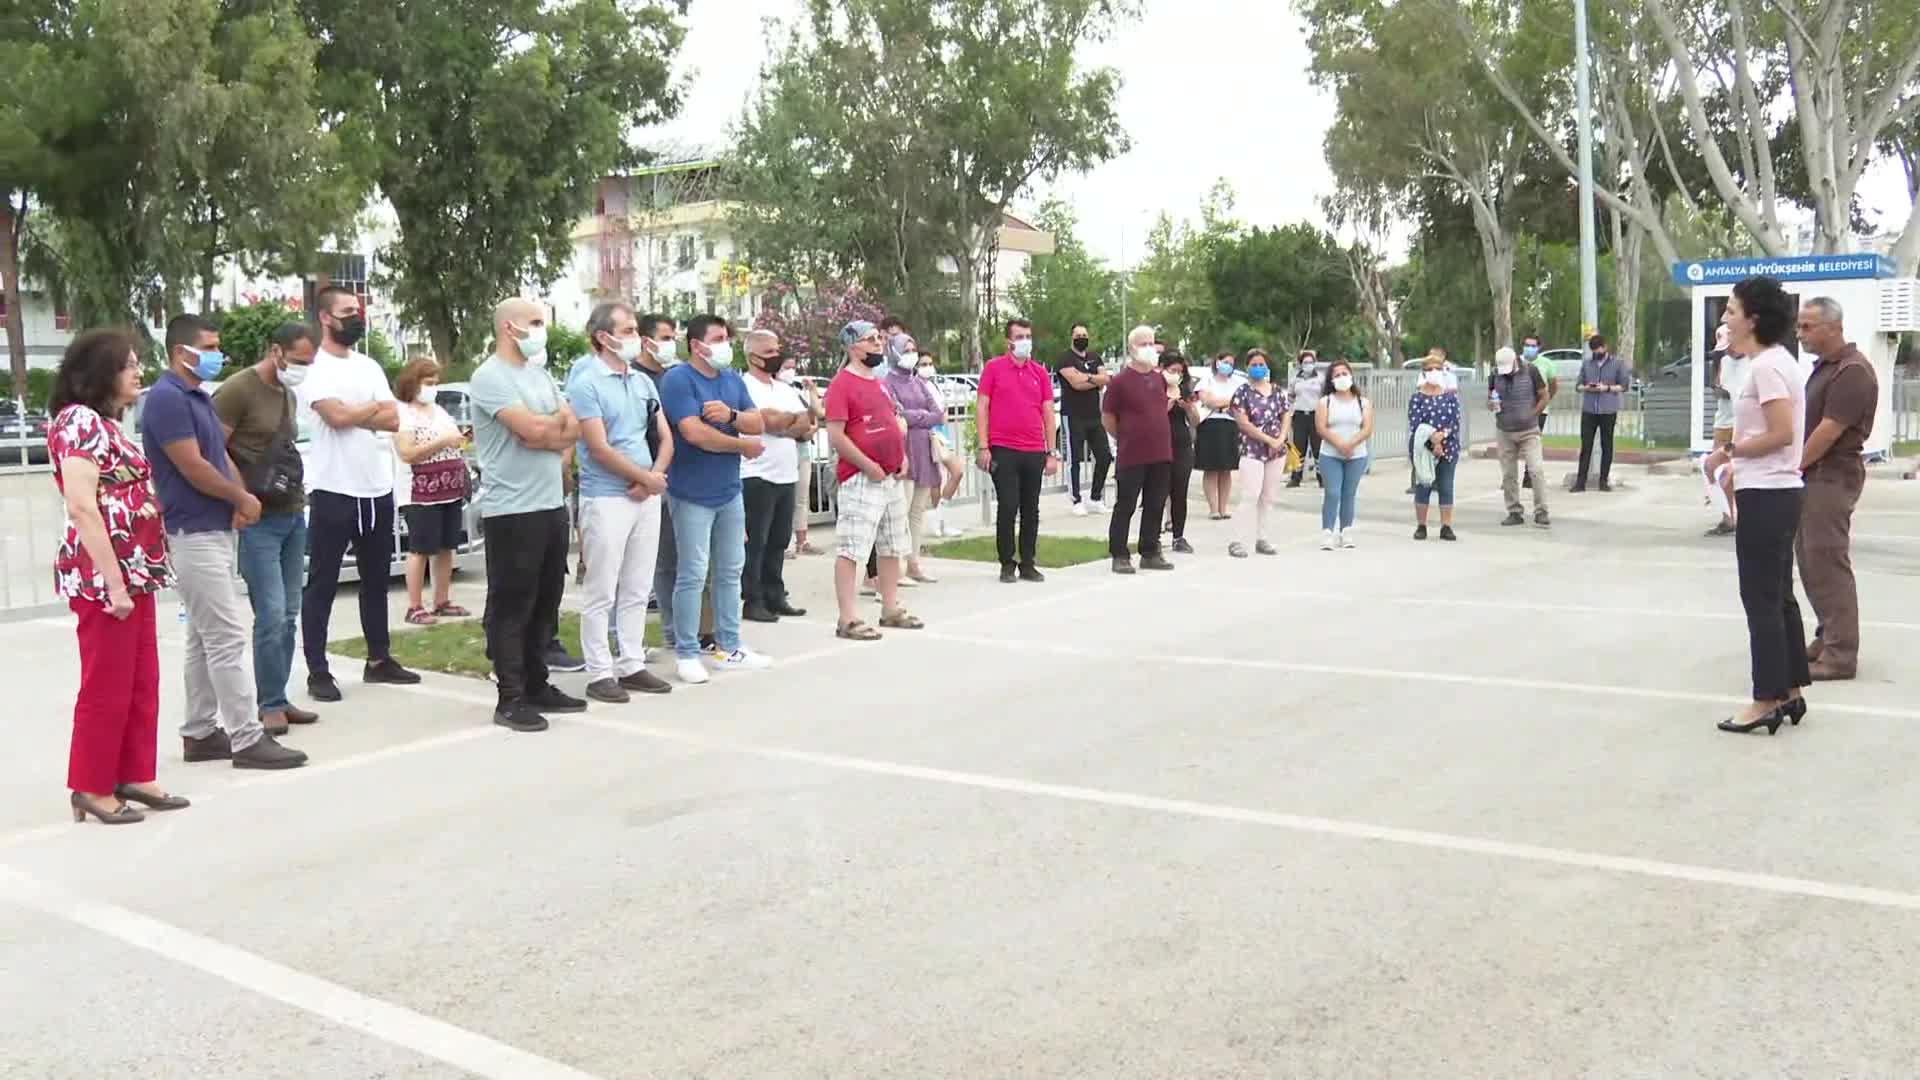 Antalya Büyükşehir Belediyesi, Doğa yürüyüşü eğitimi kapsamında insanlara neler yapabileceklerini anlattı